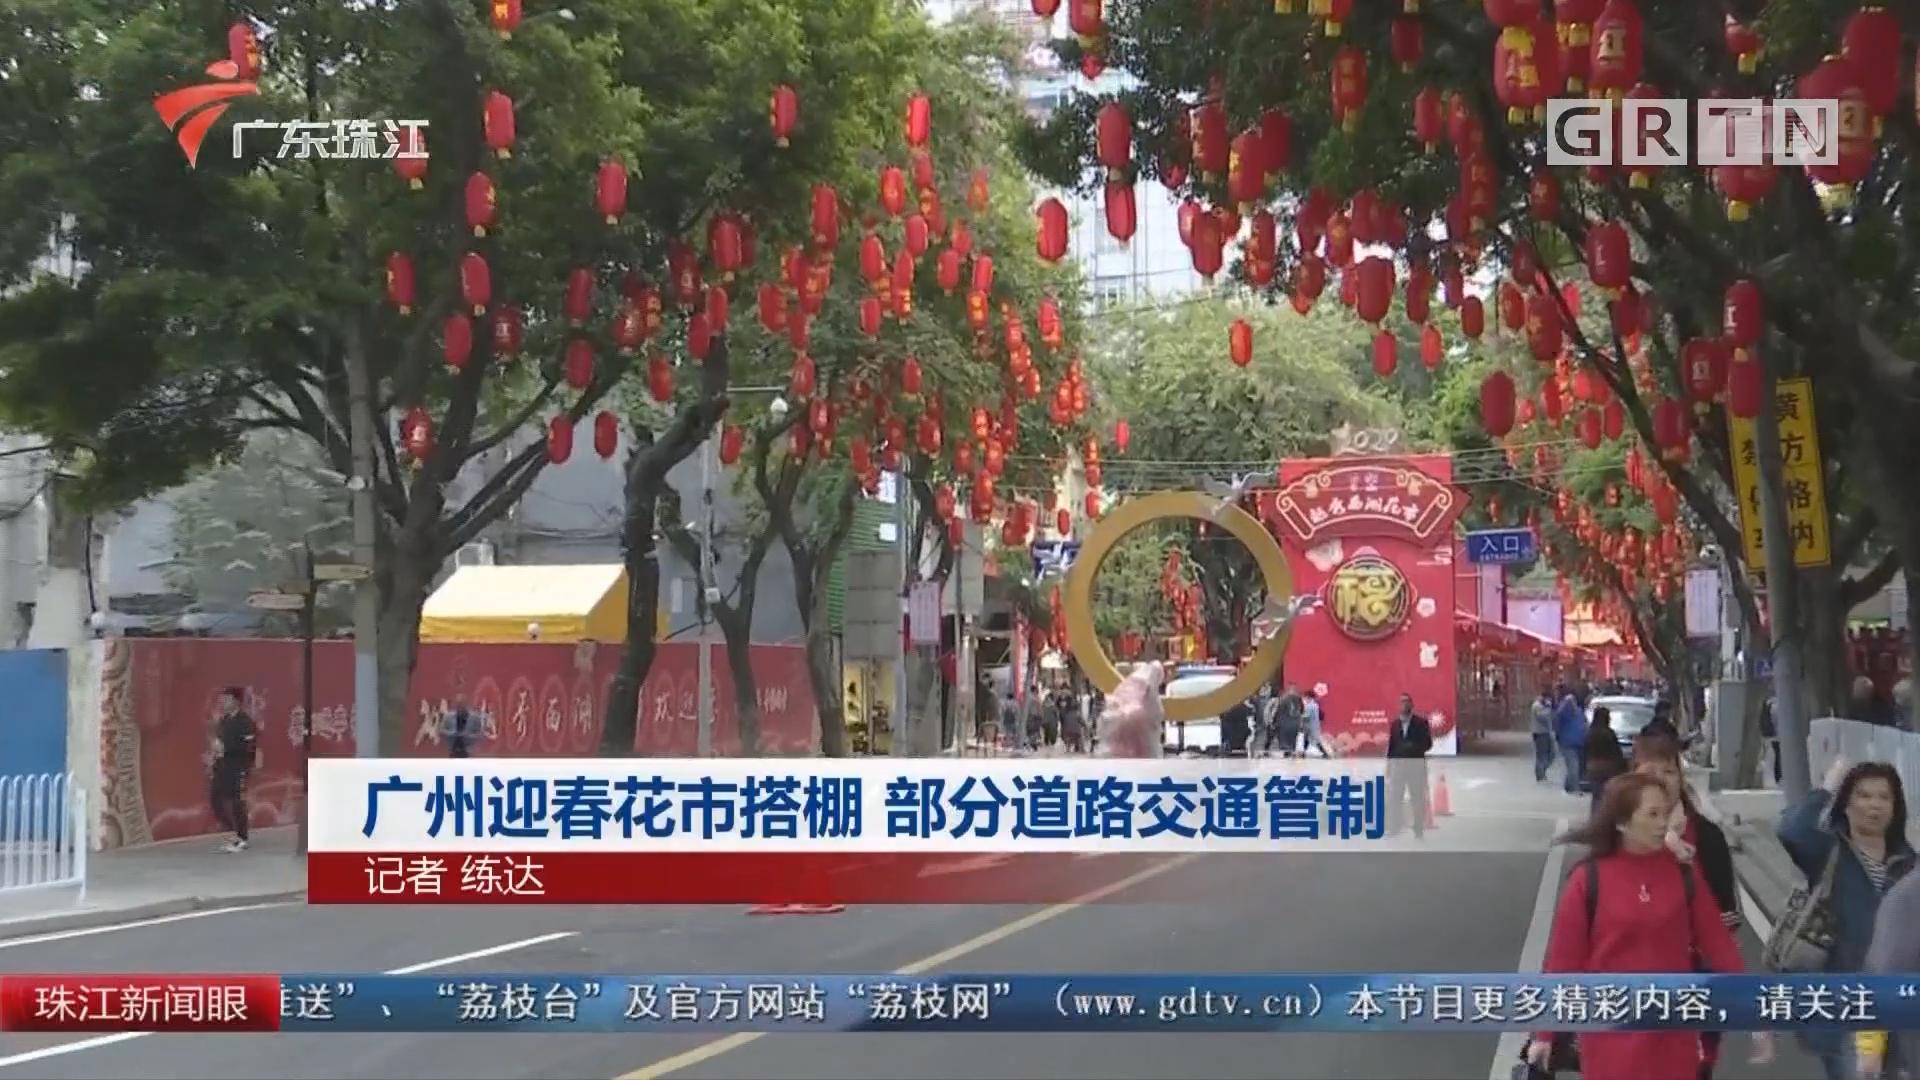 广州迎春花市搭棚 部分道路交通管制